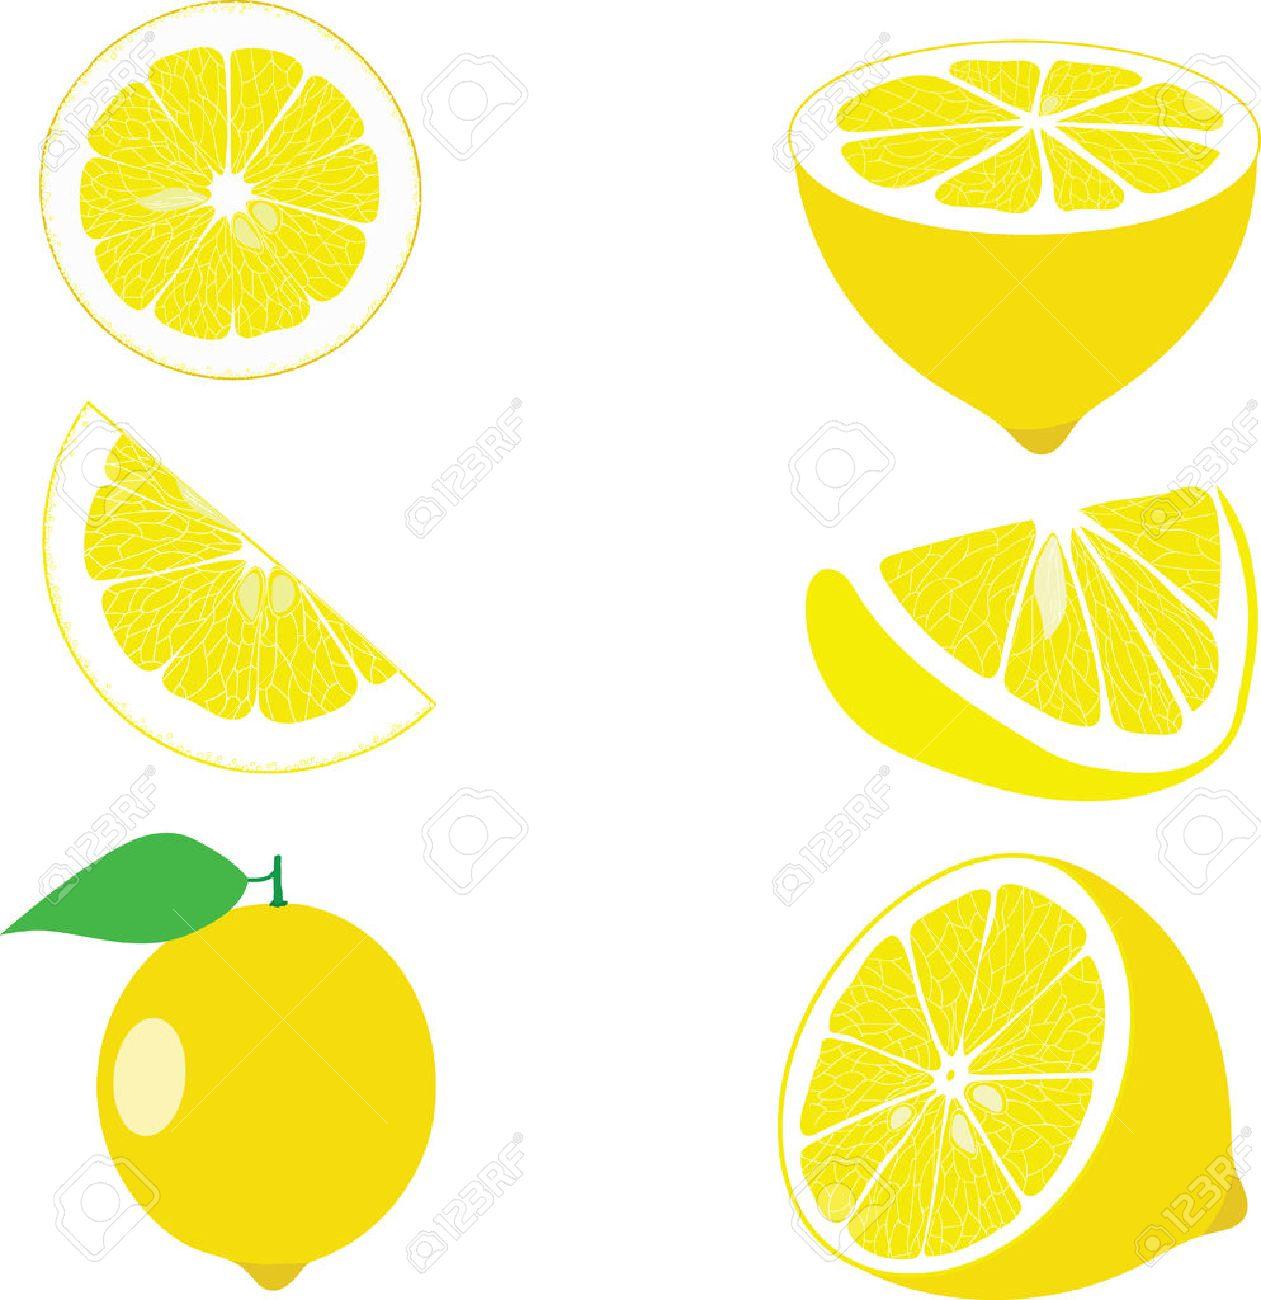 レモン スライス、透明な背景のベクトル イラスト集 ロイヤリティ